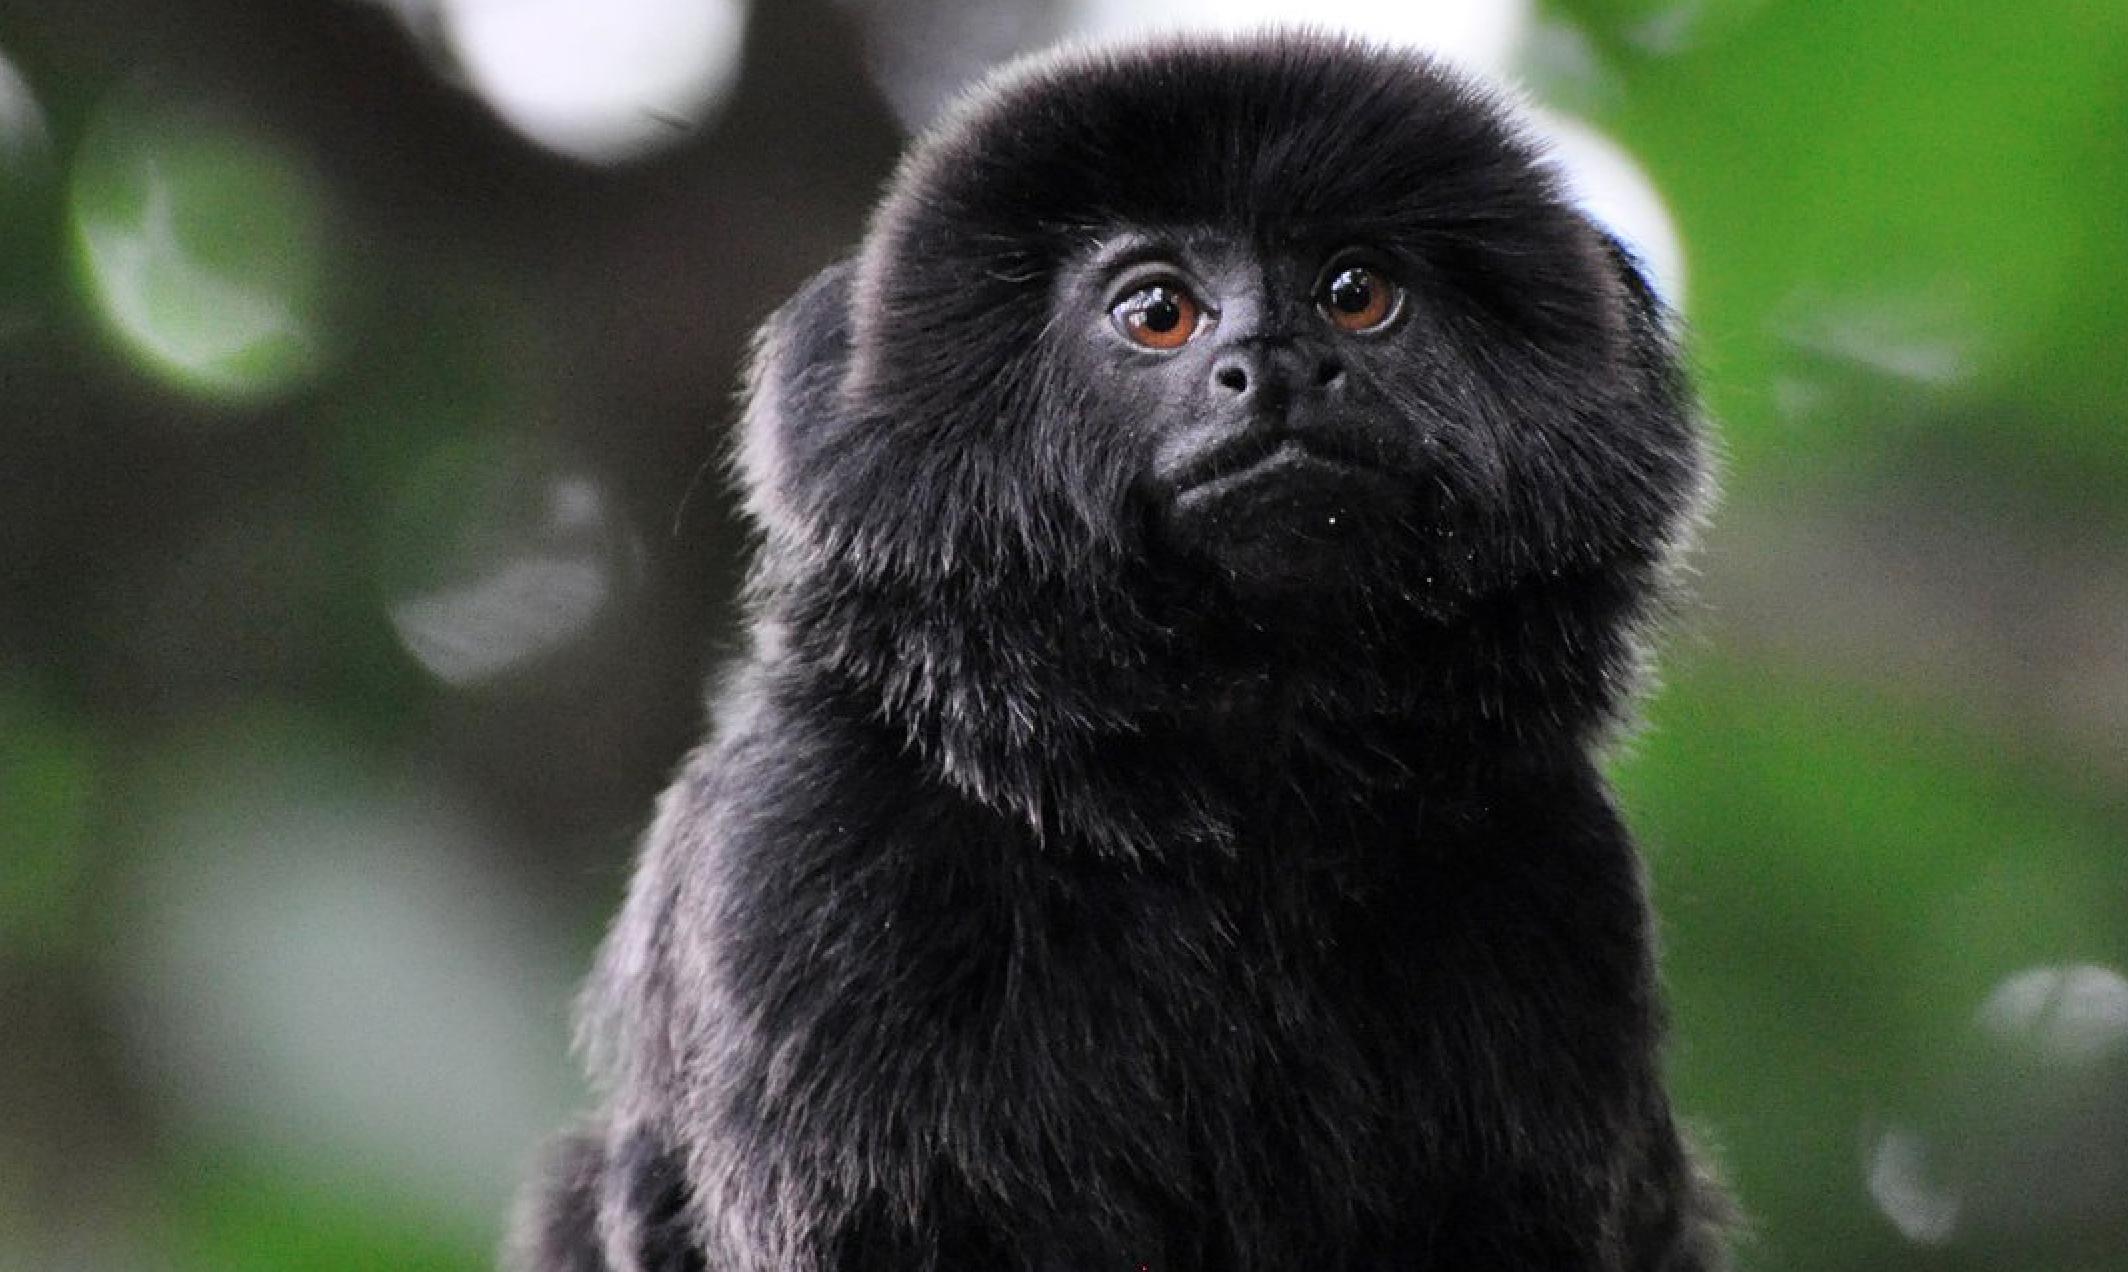 Robaron un mono tití amazónico valuado en 10 000 dólares del